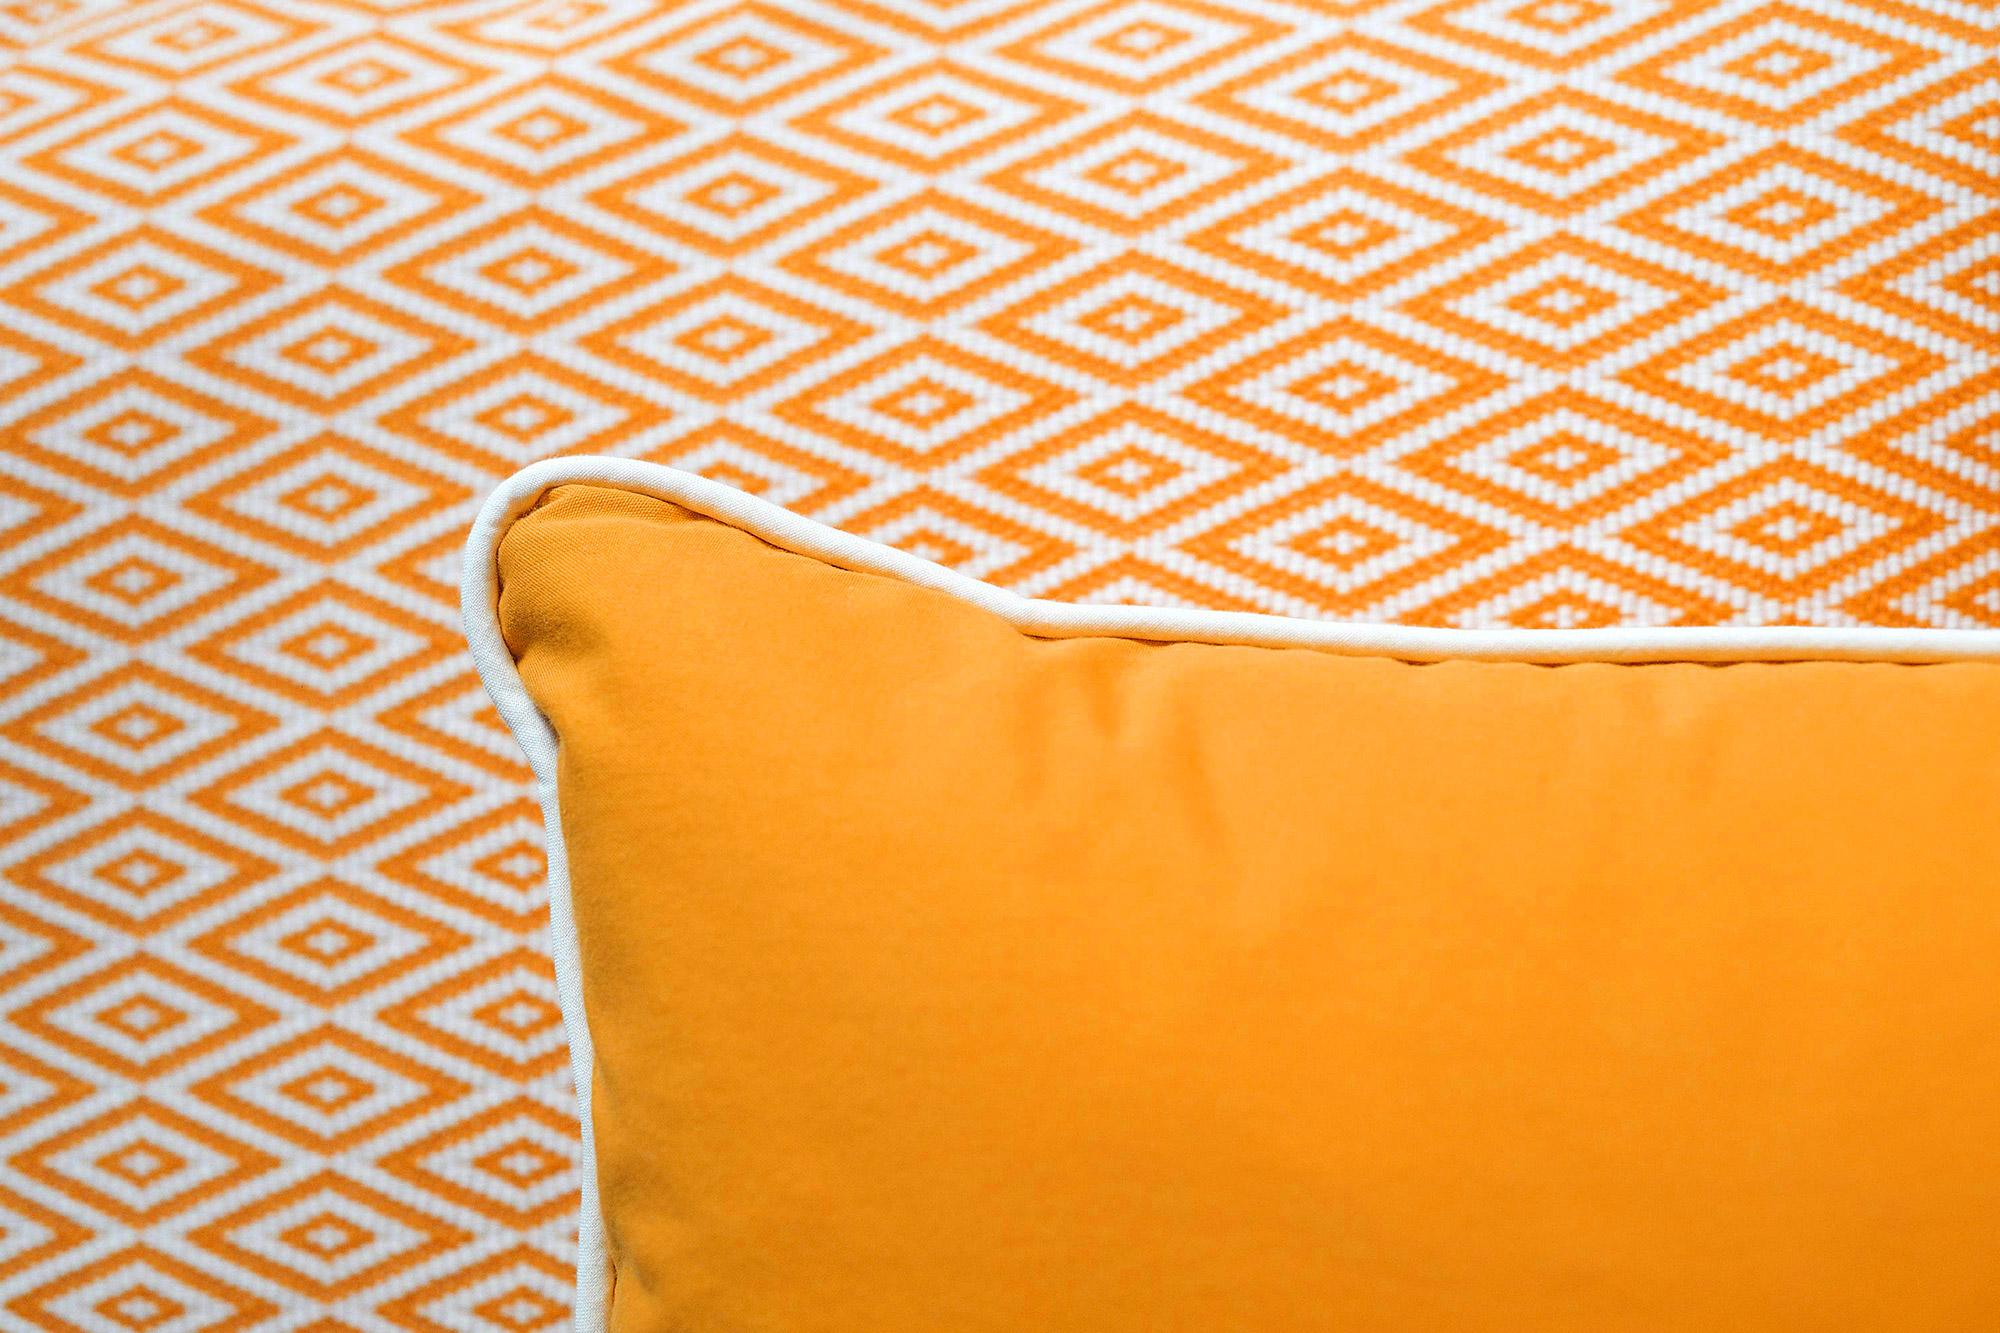 Coussin orange et papier peint orange graphique